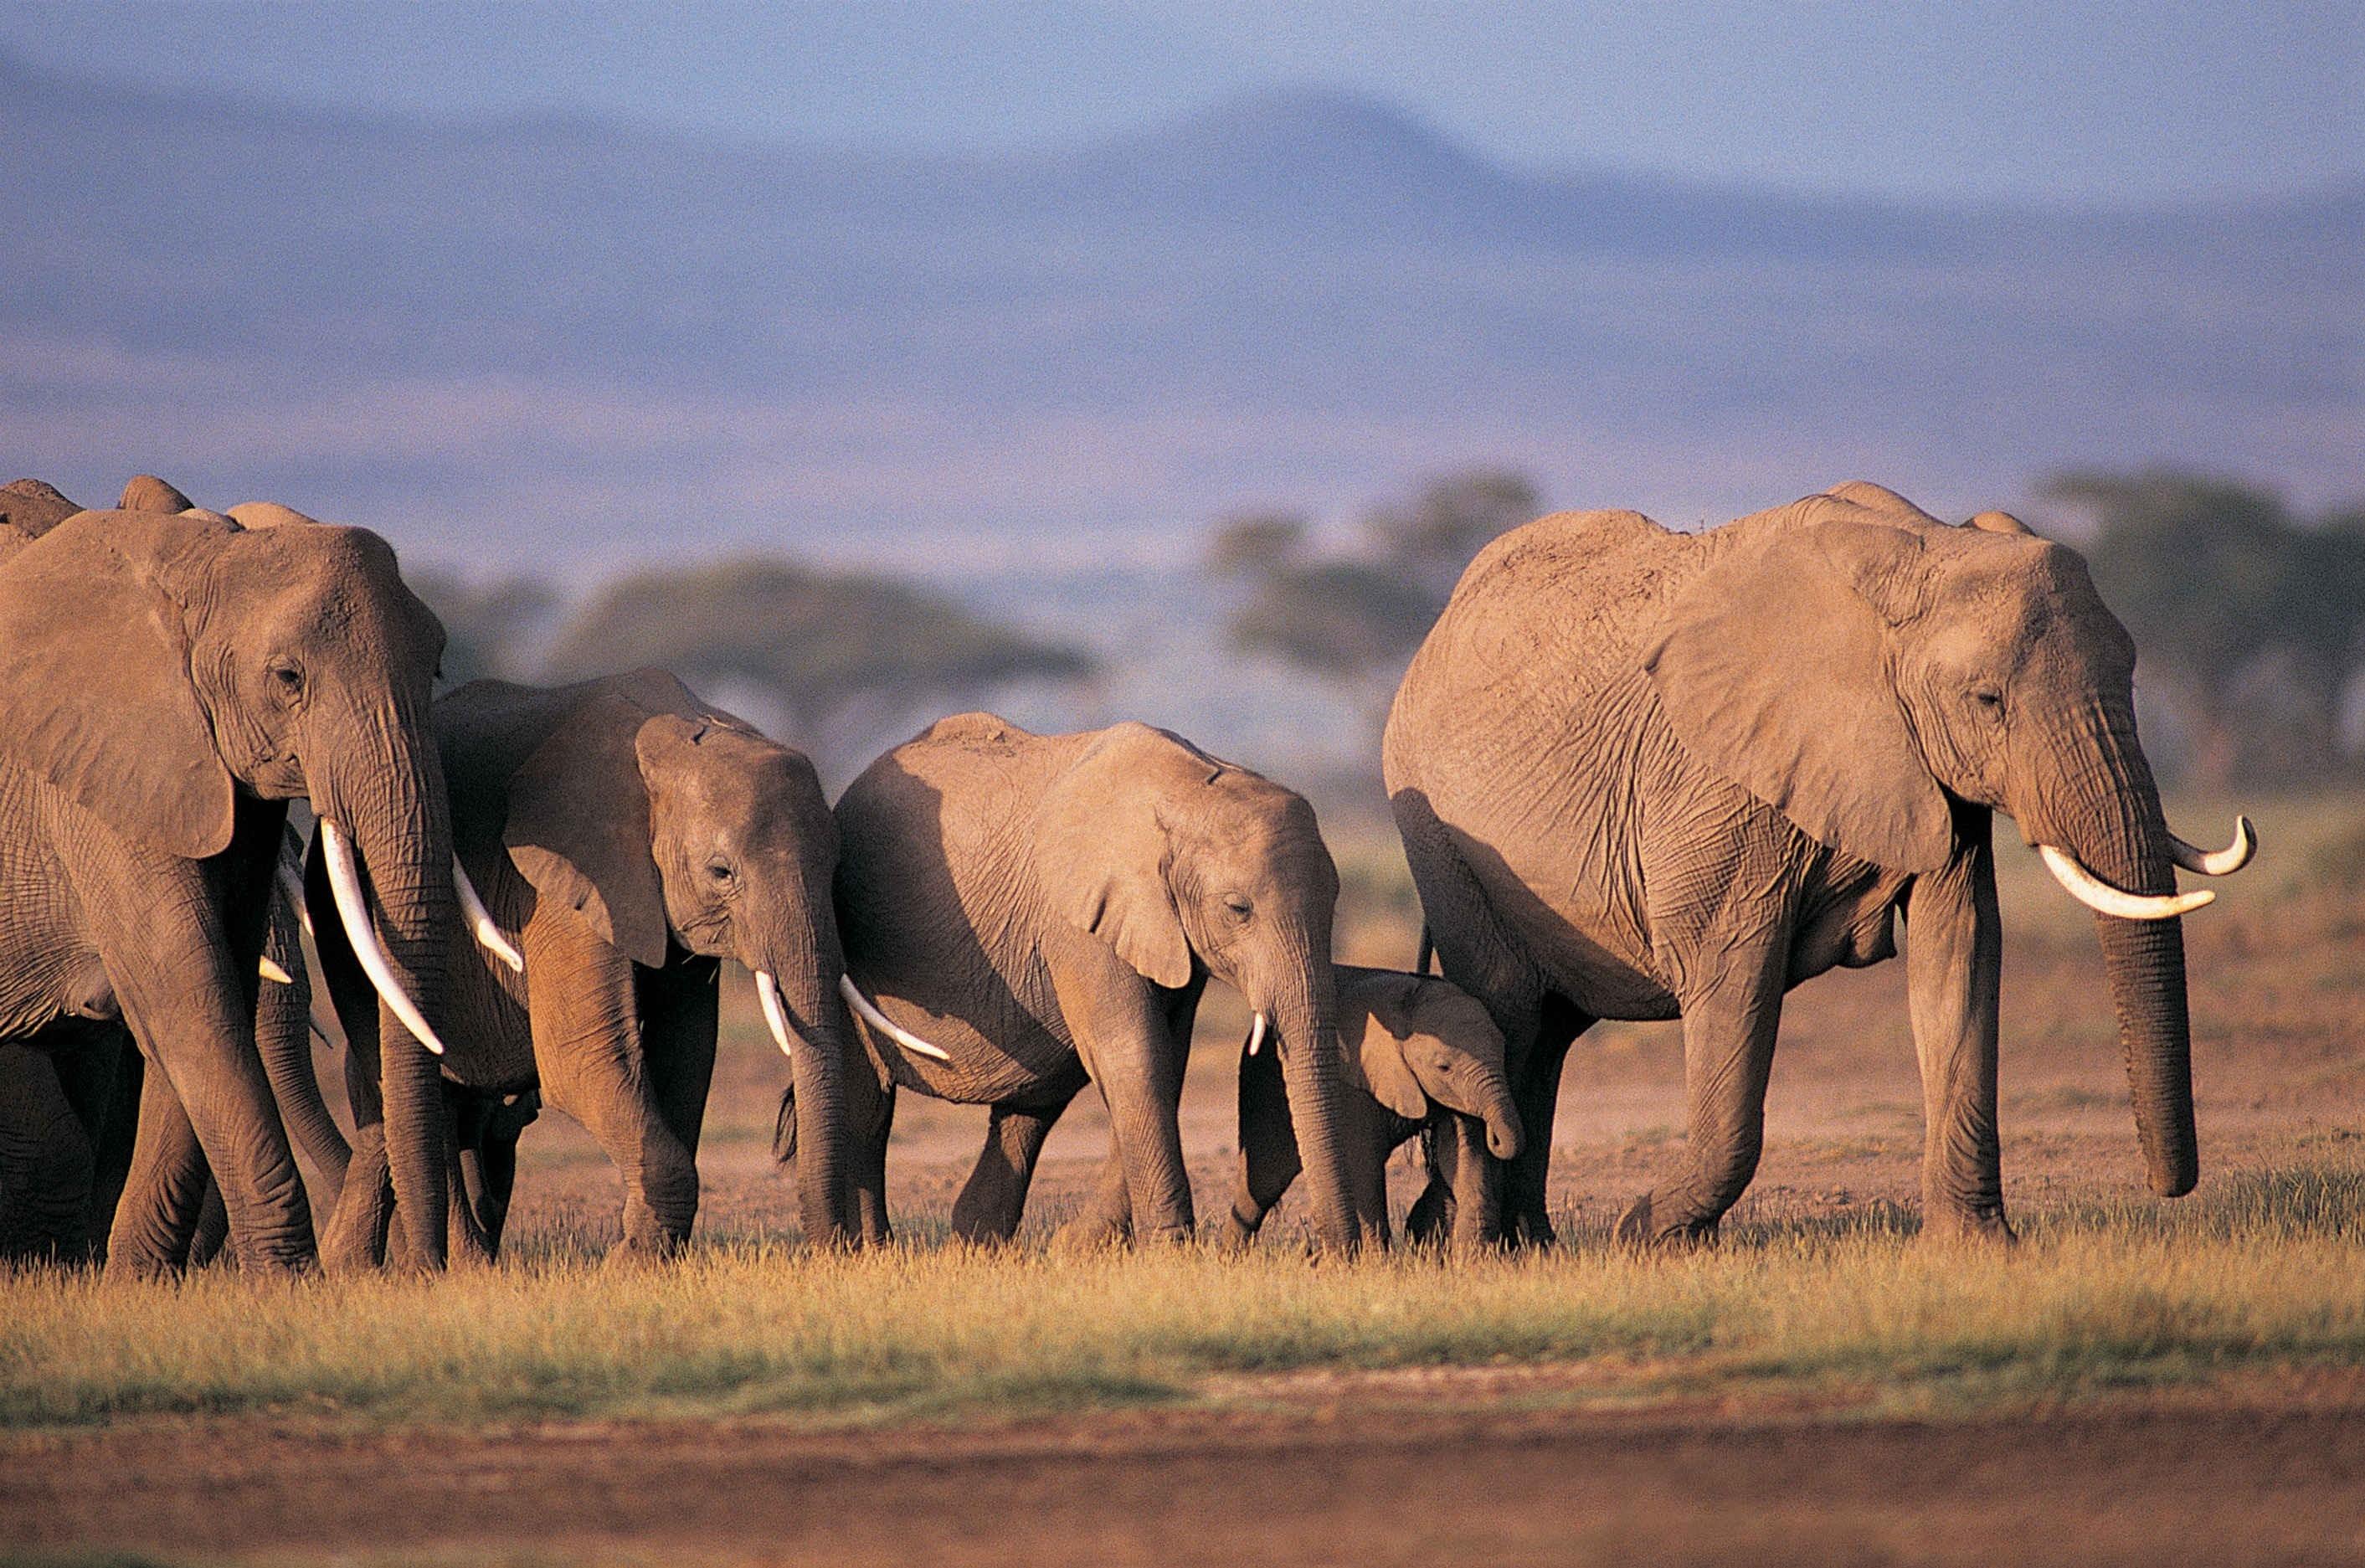 четыре африка крупные картинки этим подходом